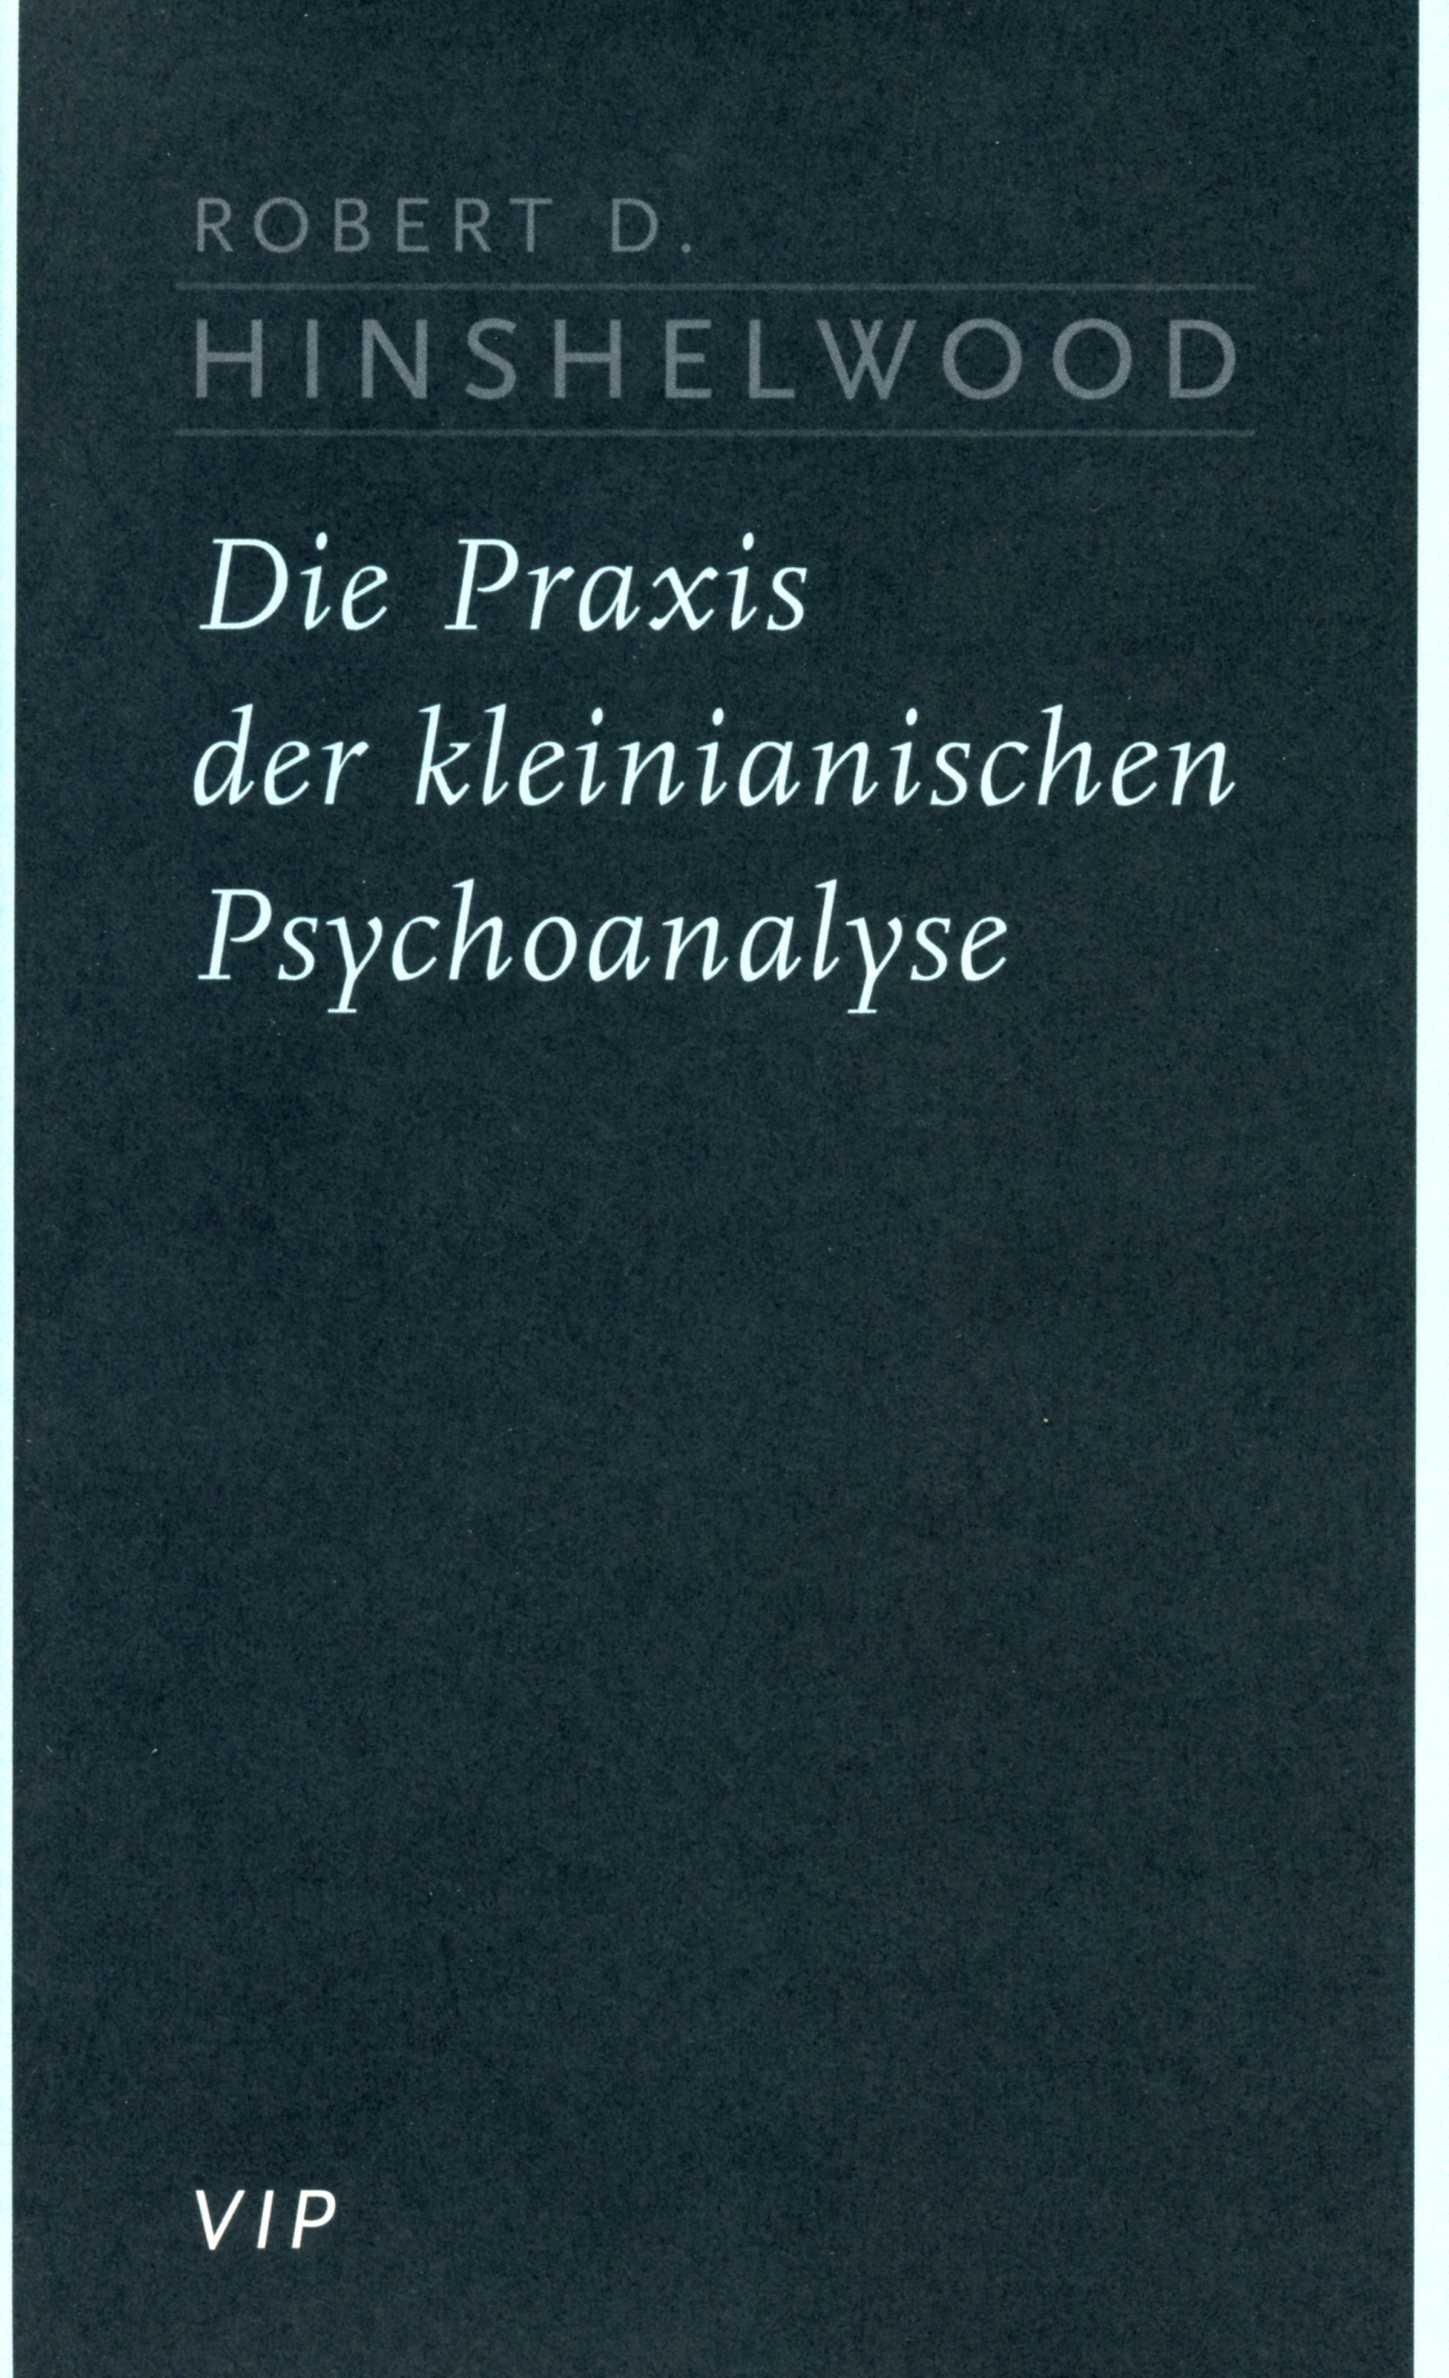 Die Praxis der kleinianischen Psychoanalyse